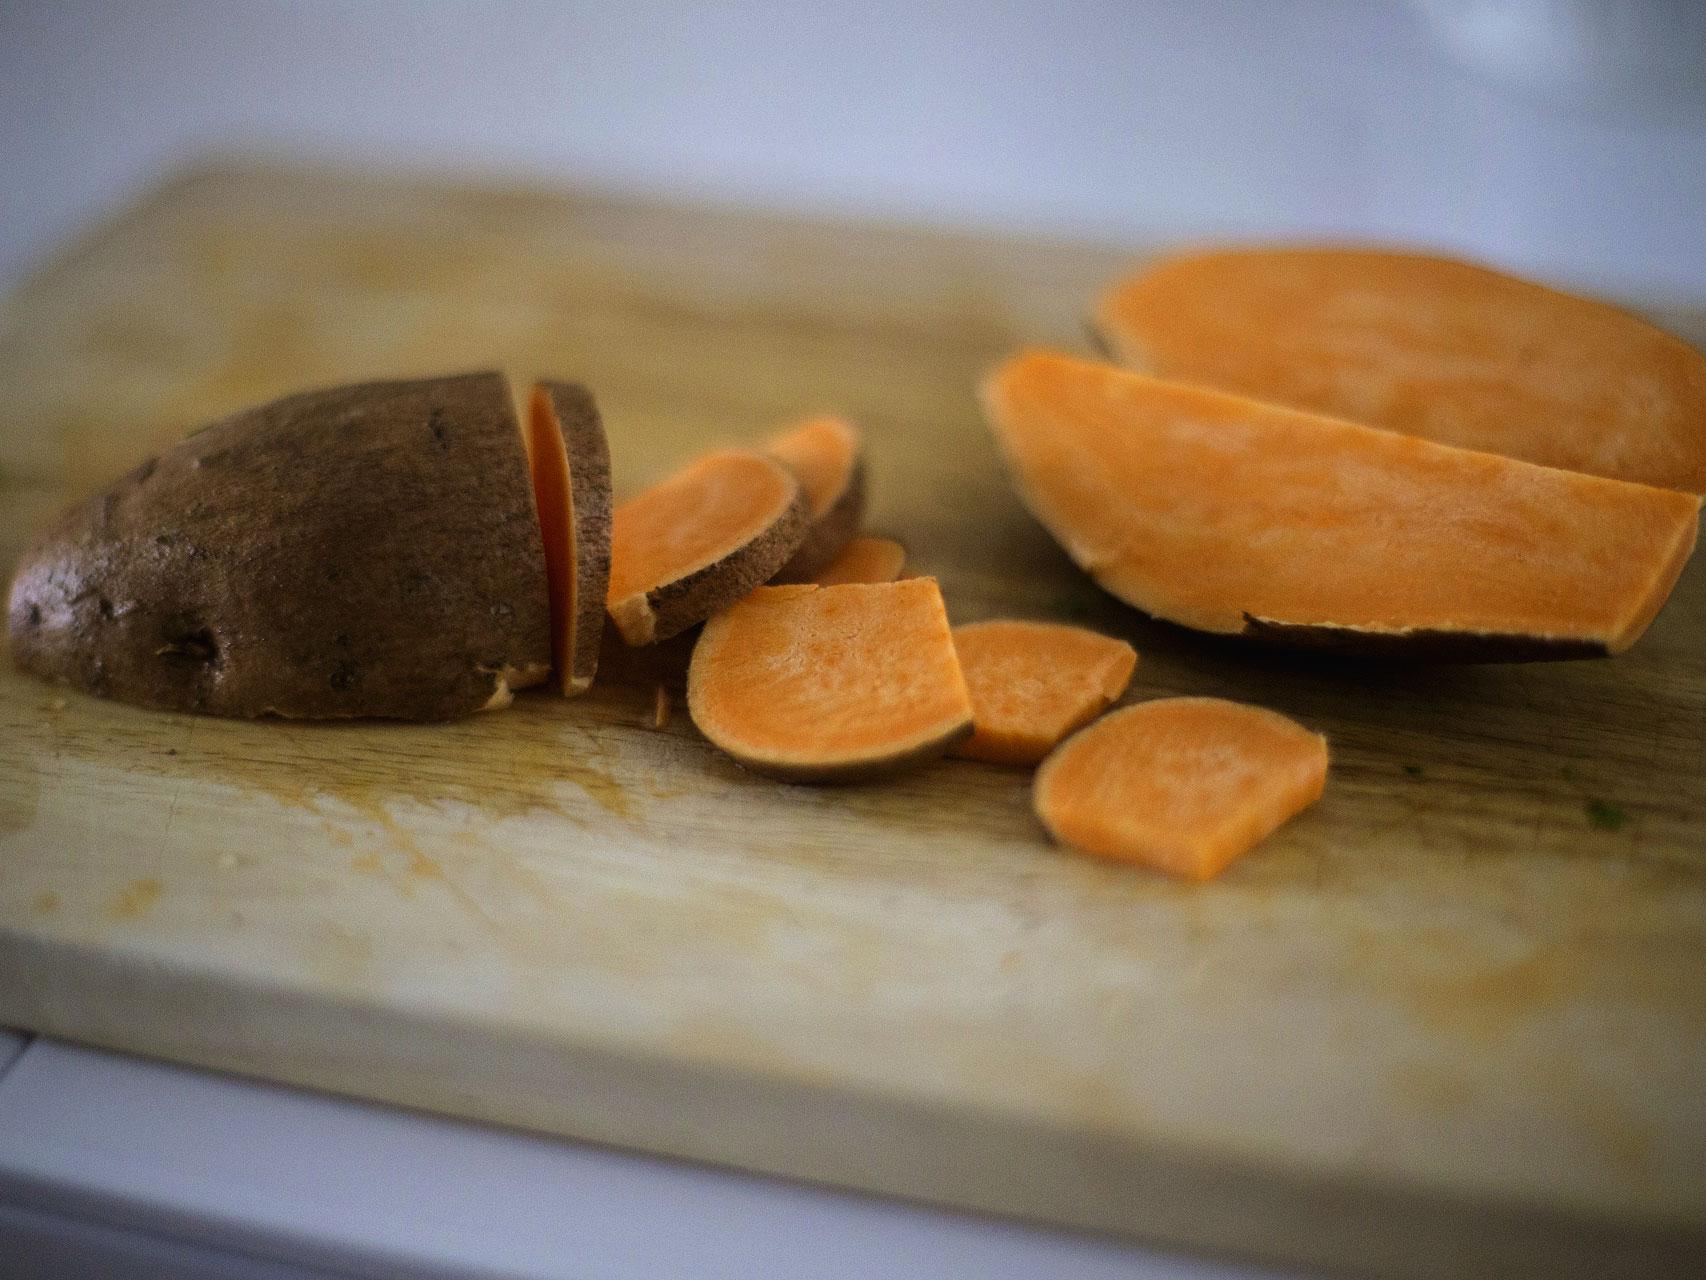 batata-doce-avermelhada